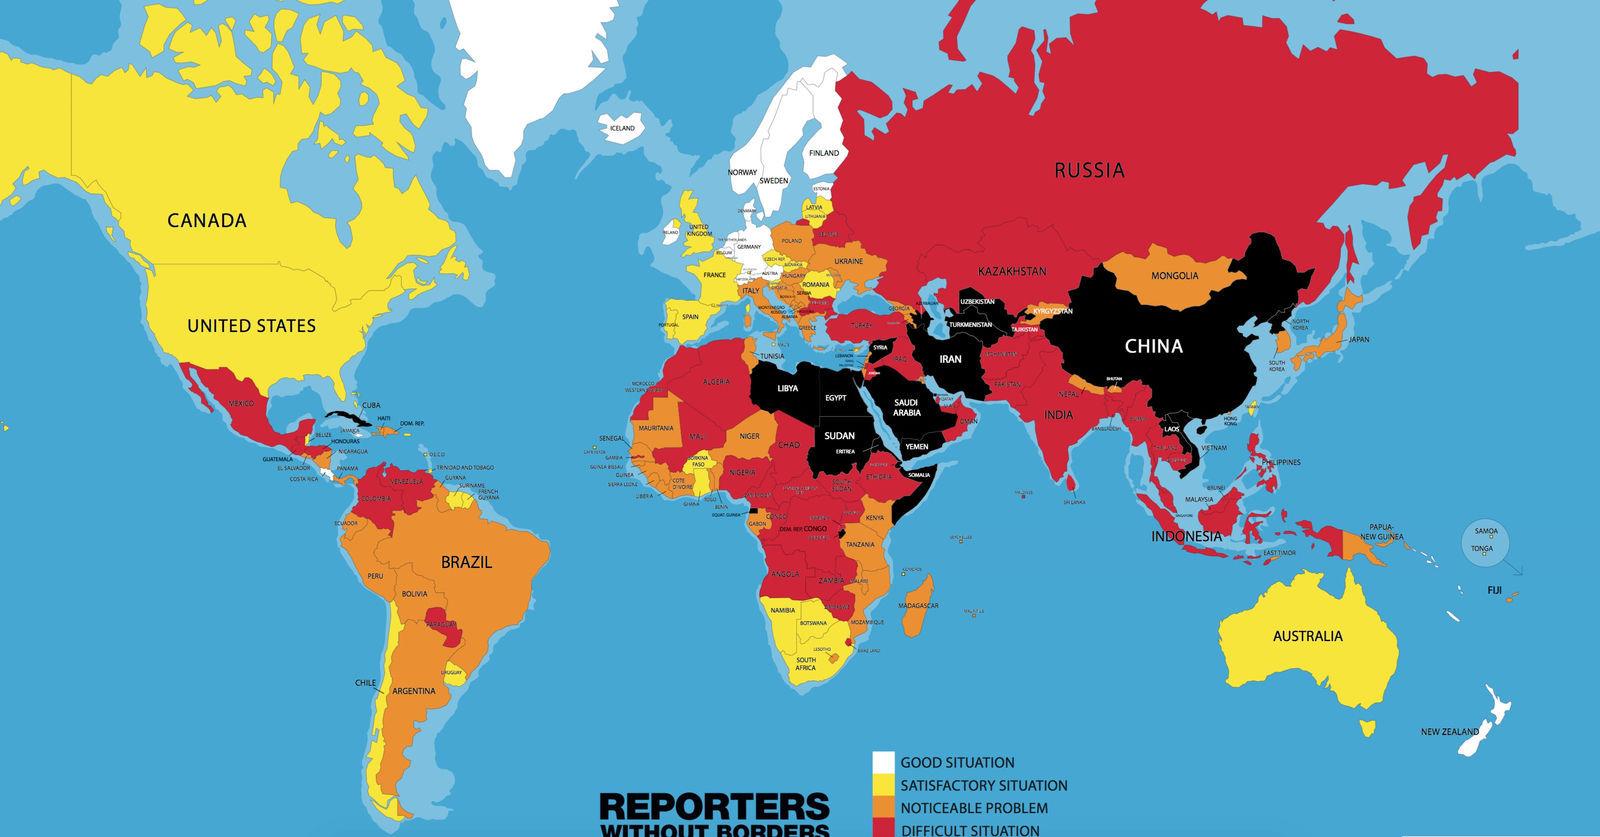 Монгол улс хэвлэлийн эрх чөлөөний индексээр 69-т жагслаа